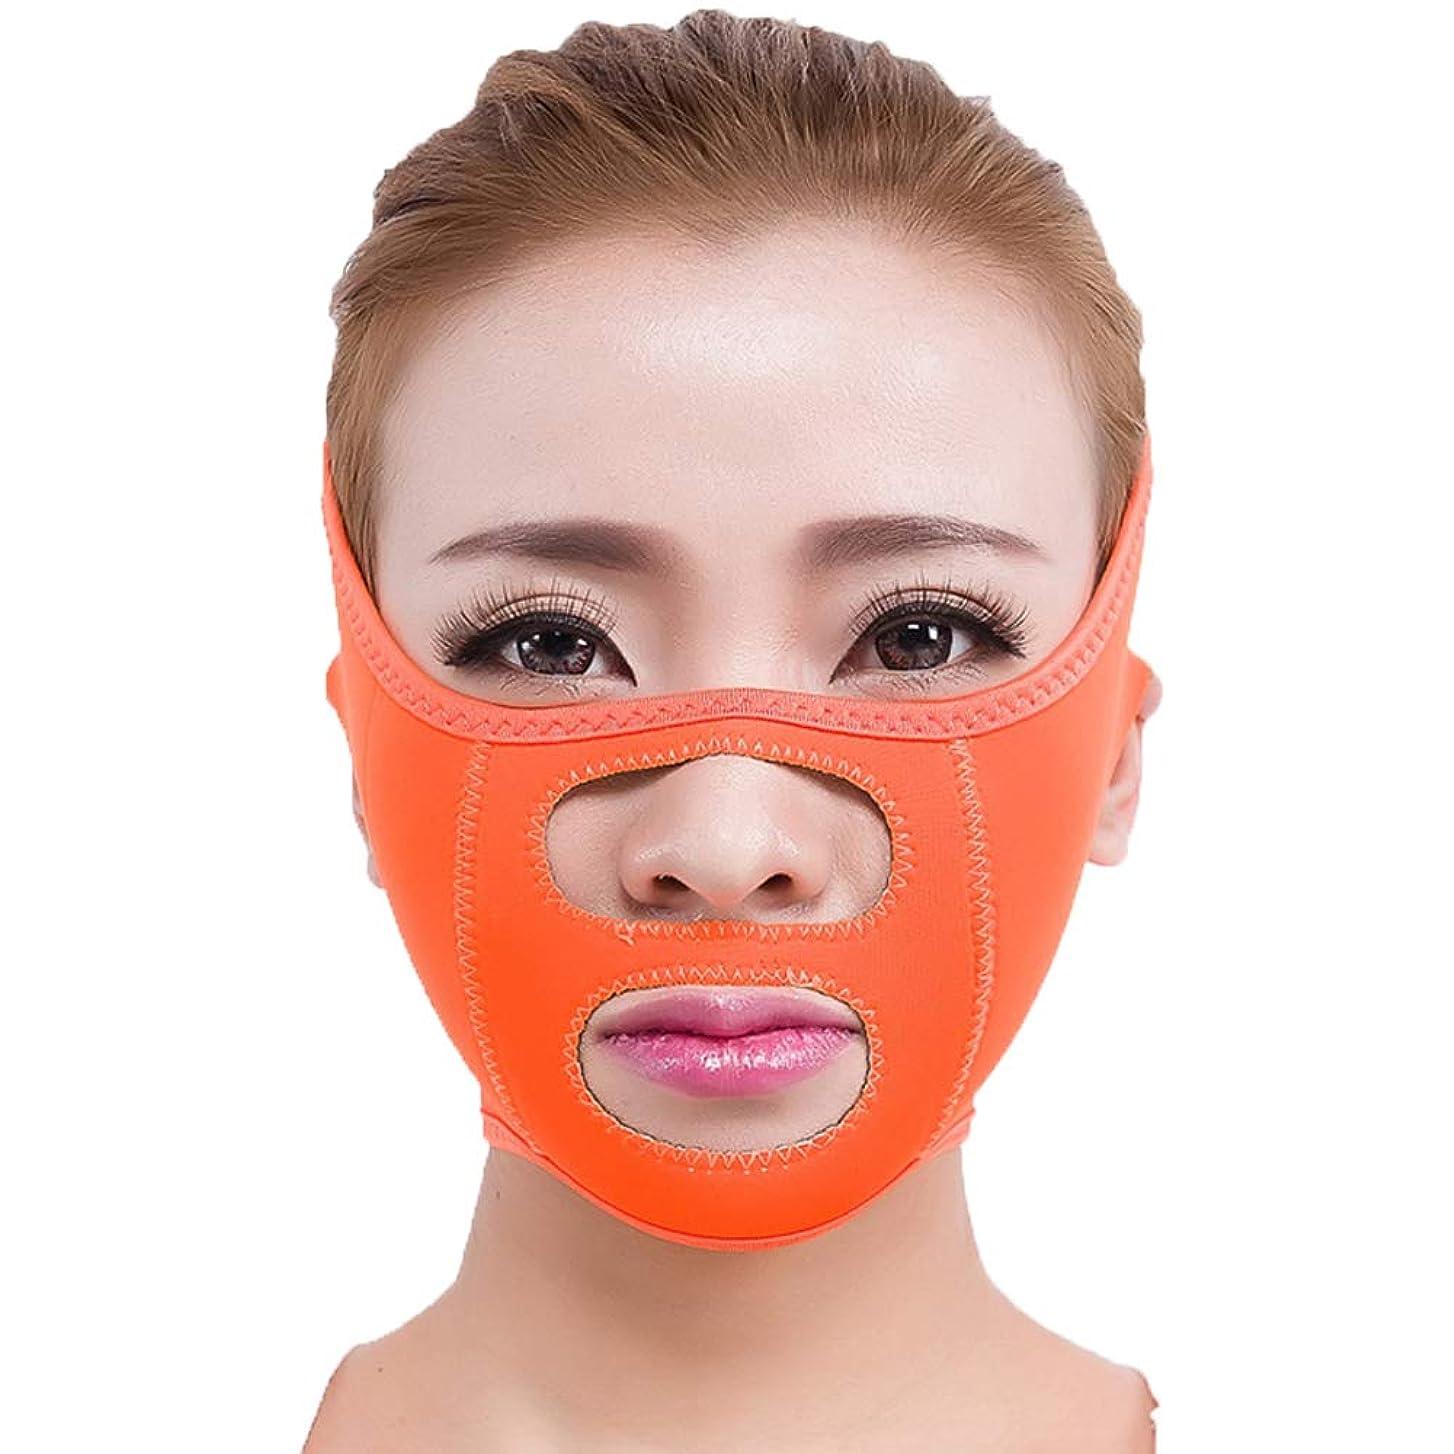 いつでも年齢不潔二重顎の圧力低下装置、睡眠薄い顔のベルト小さなvの顔の器械の包帯マスク持ち上げる顔のステッカー,Orange